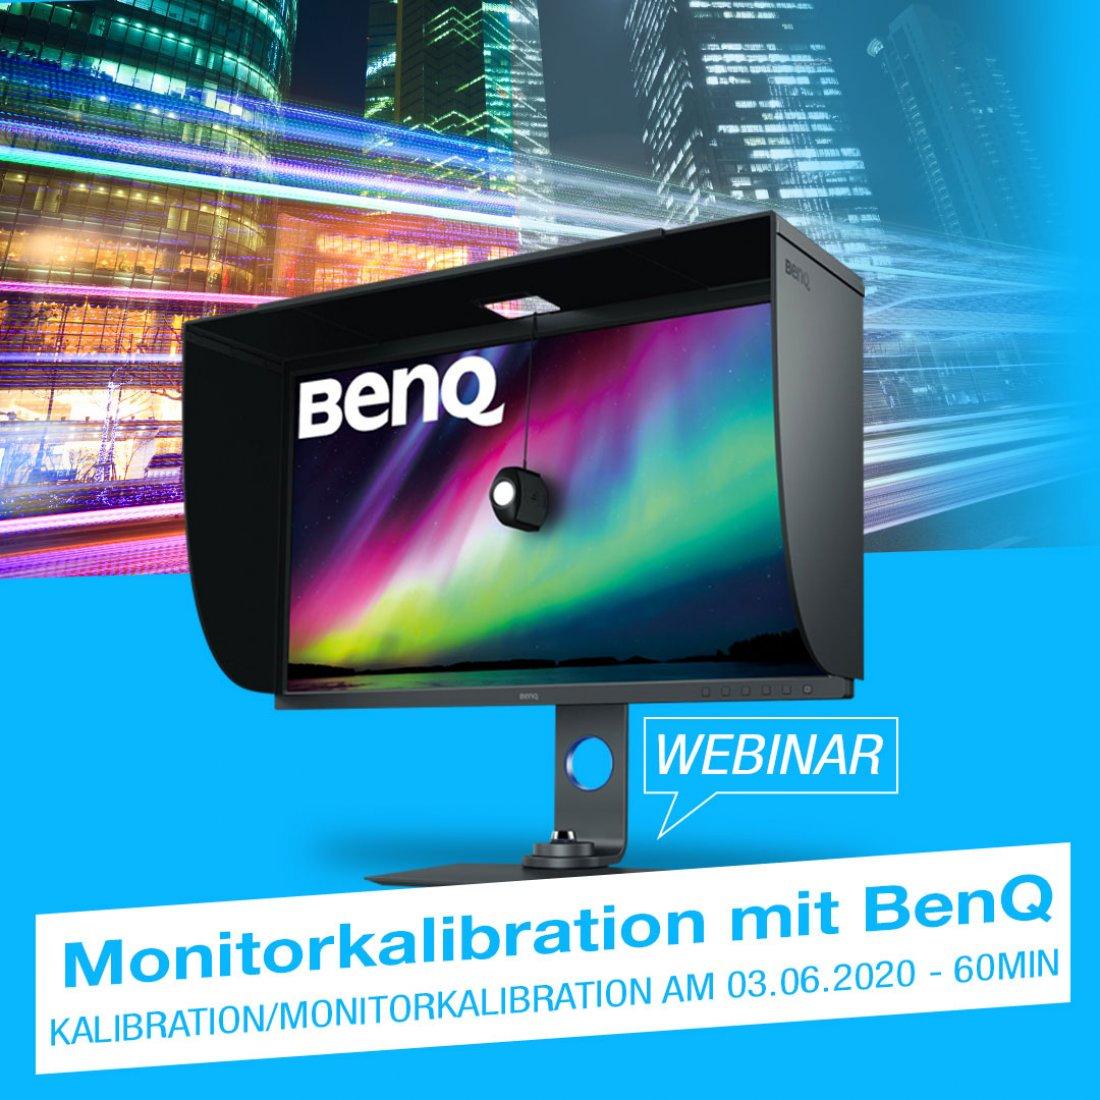 Webinar Monitorkalibration